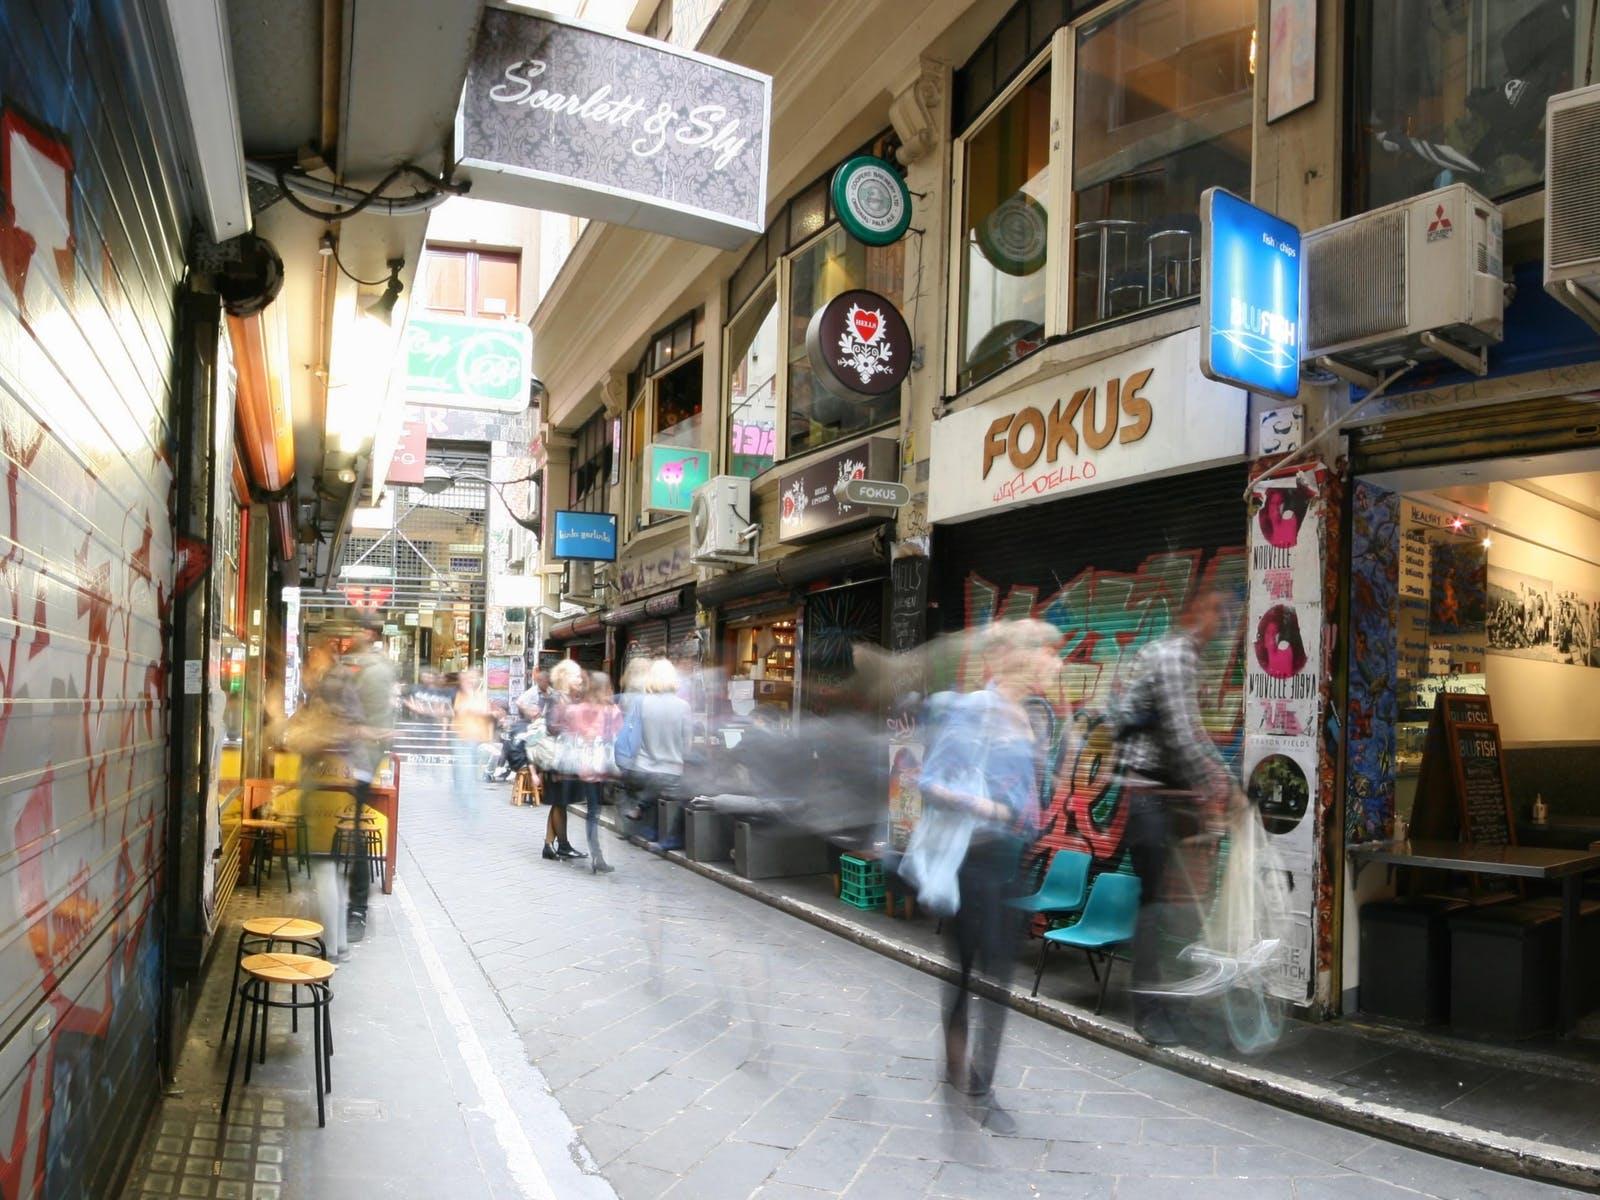 Melbourne's vibrant cafe culture